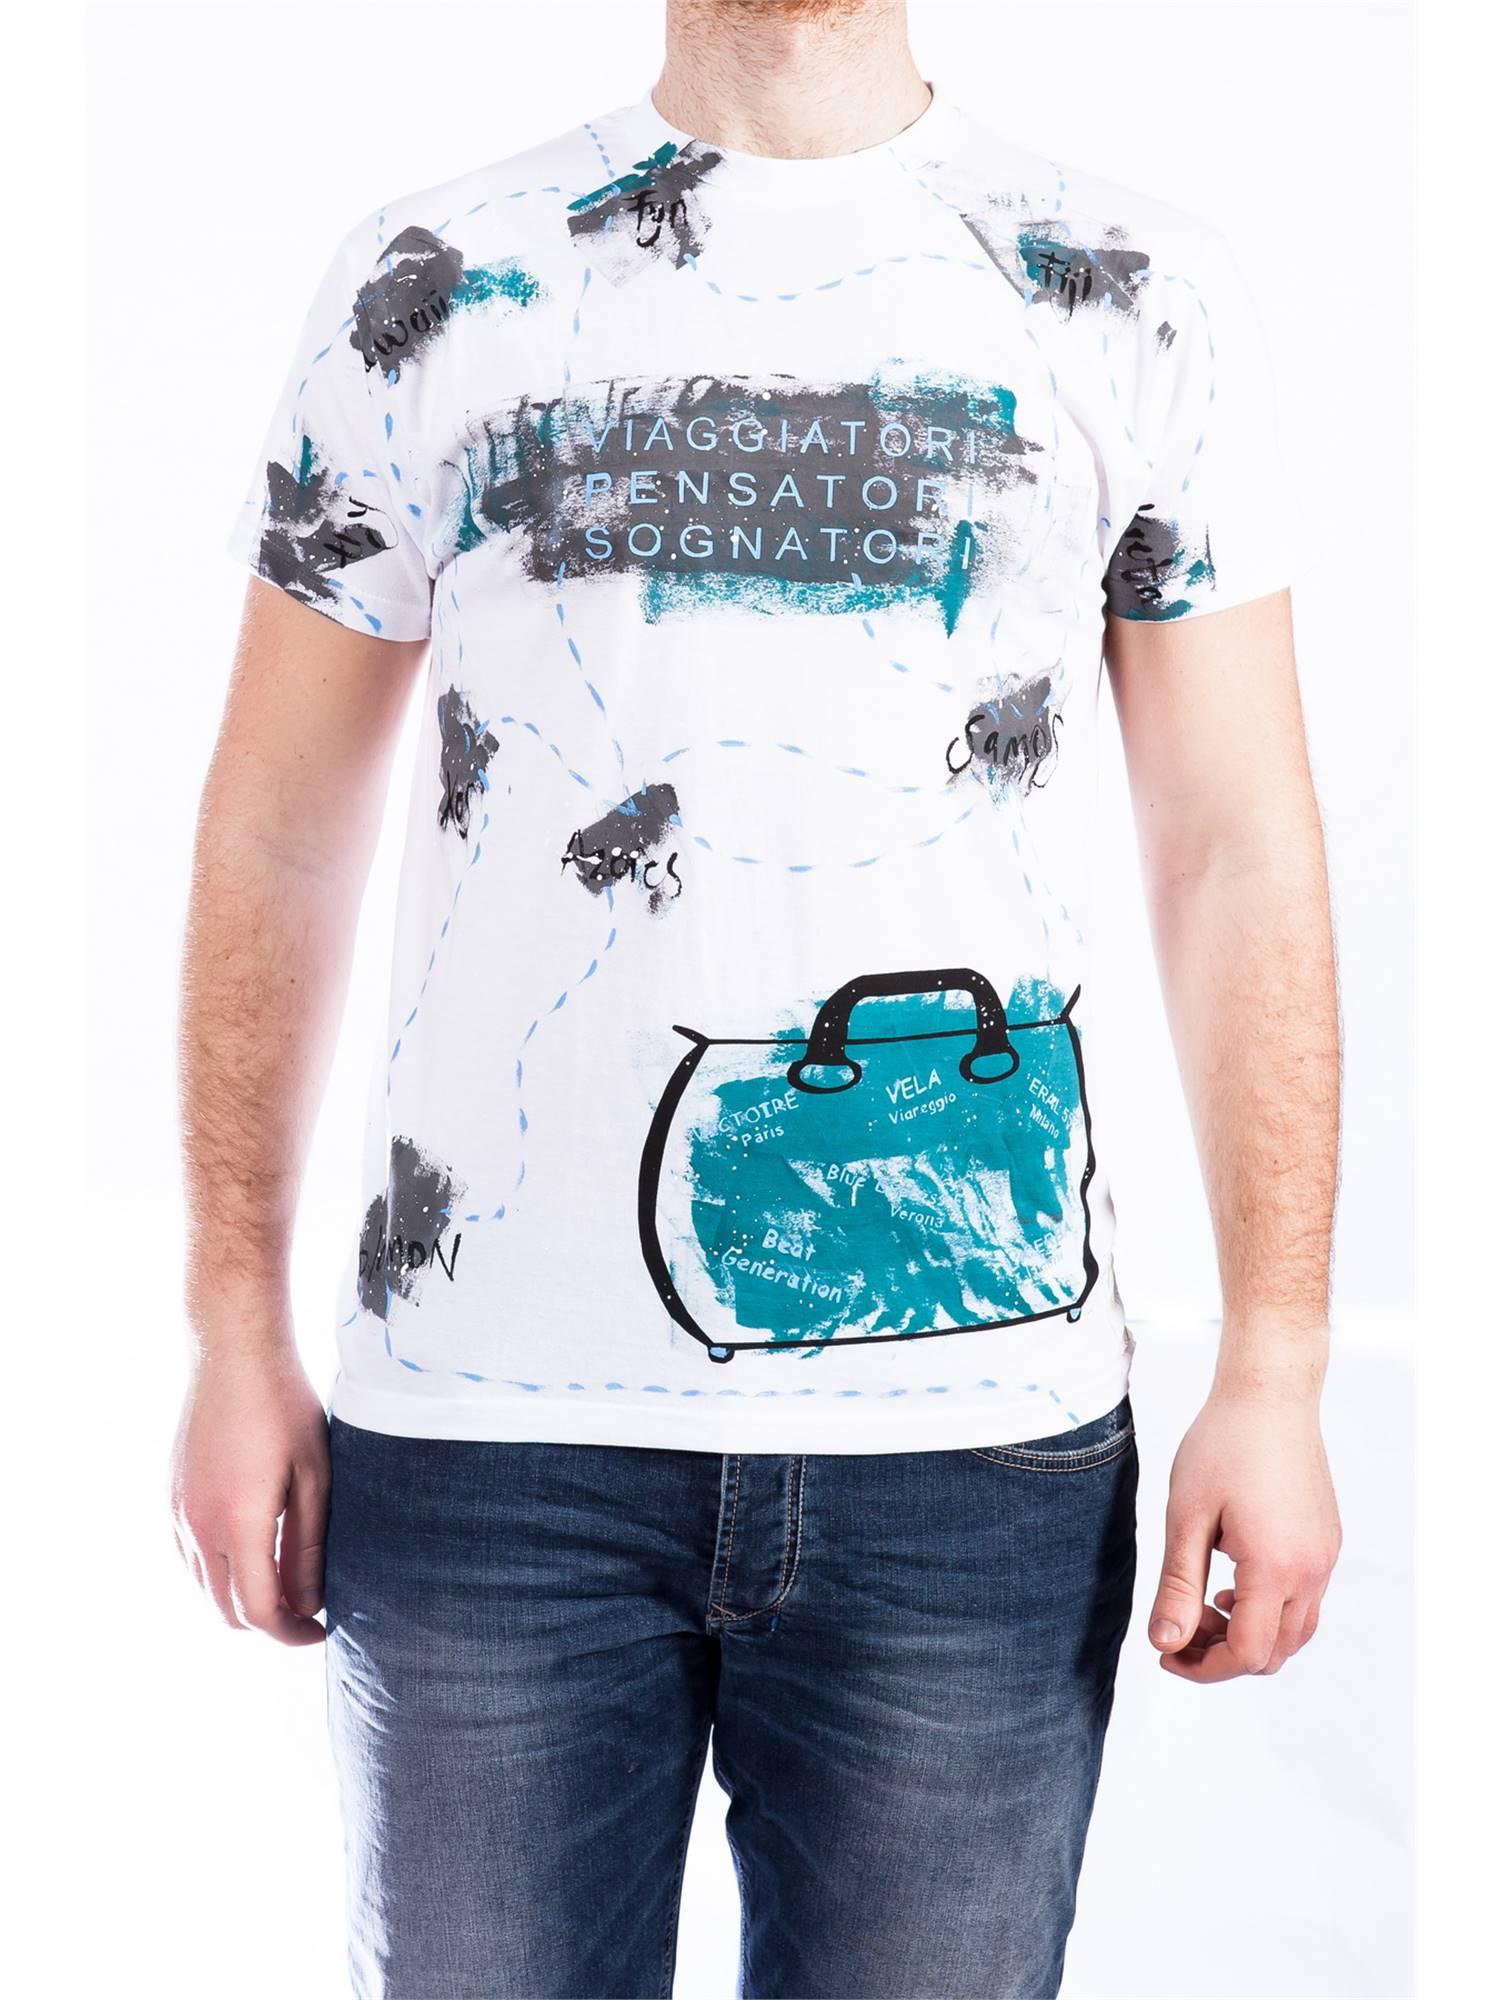 825c236ff2 T-shirt Uomo Uomo Beat Generation